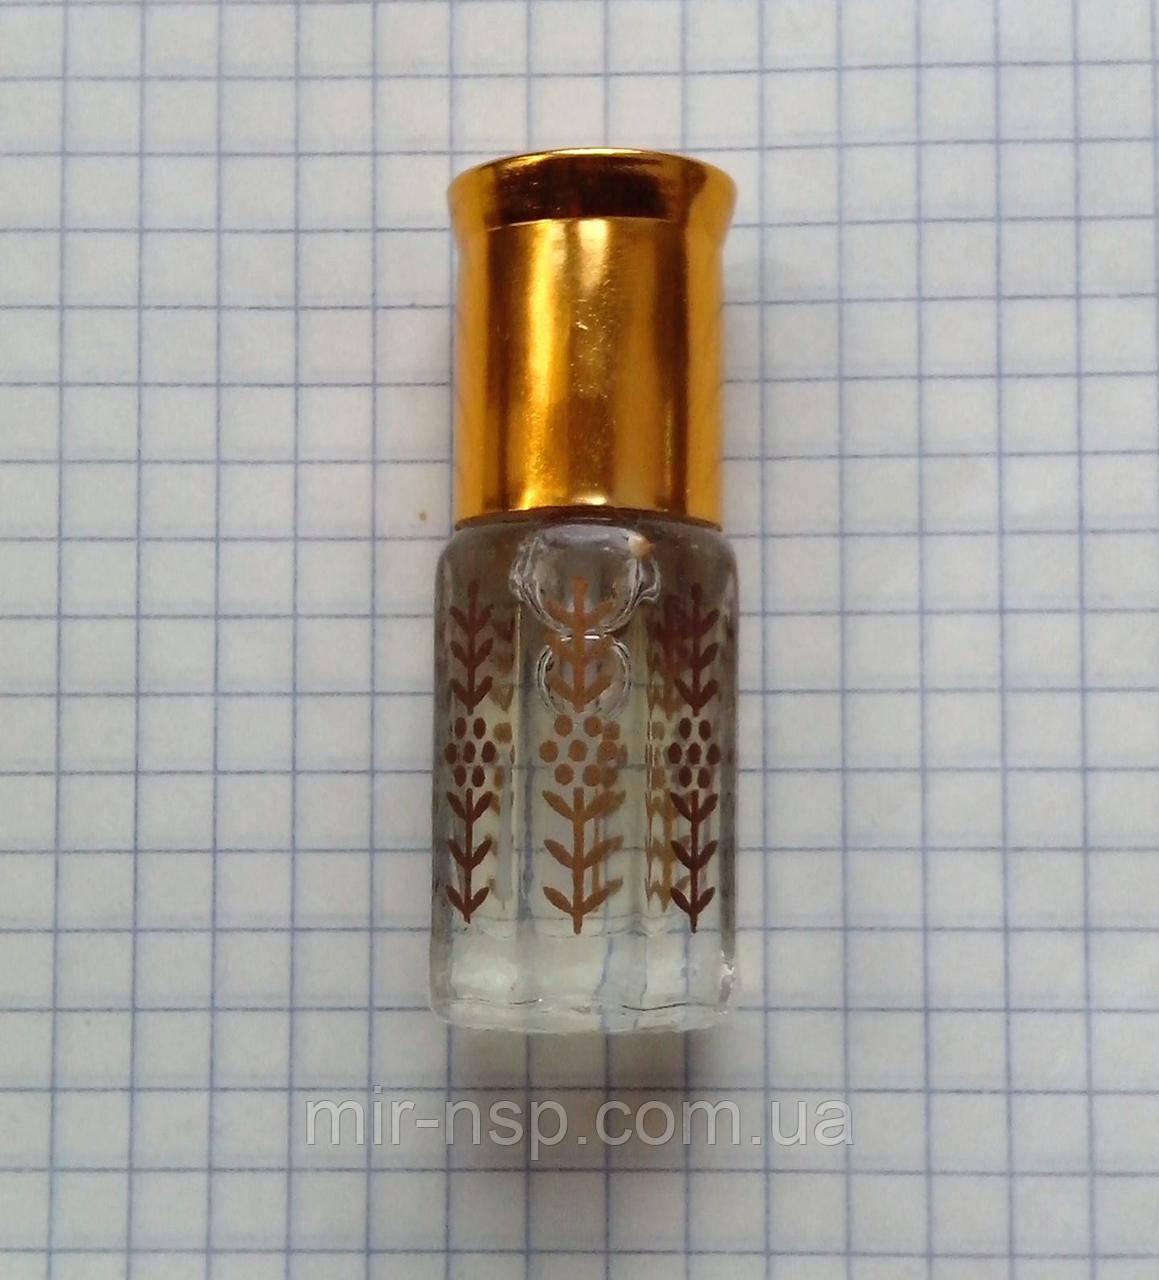 Клеопатра парфюмерные арабские масла духи из Египта 6 мл